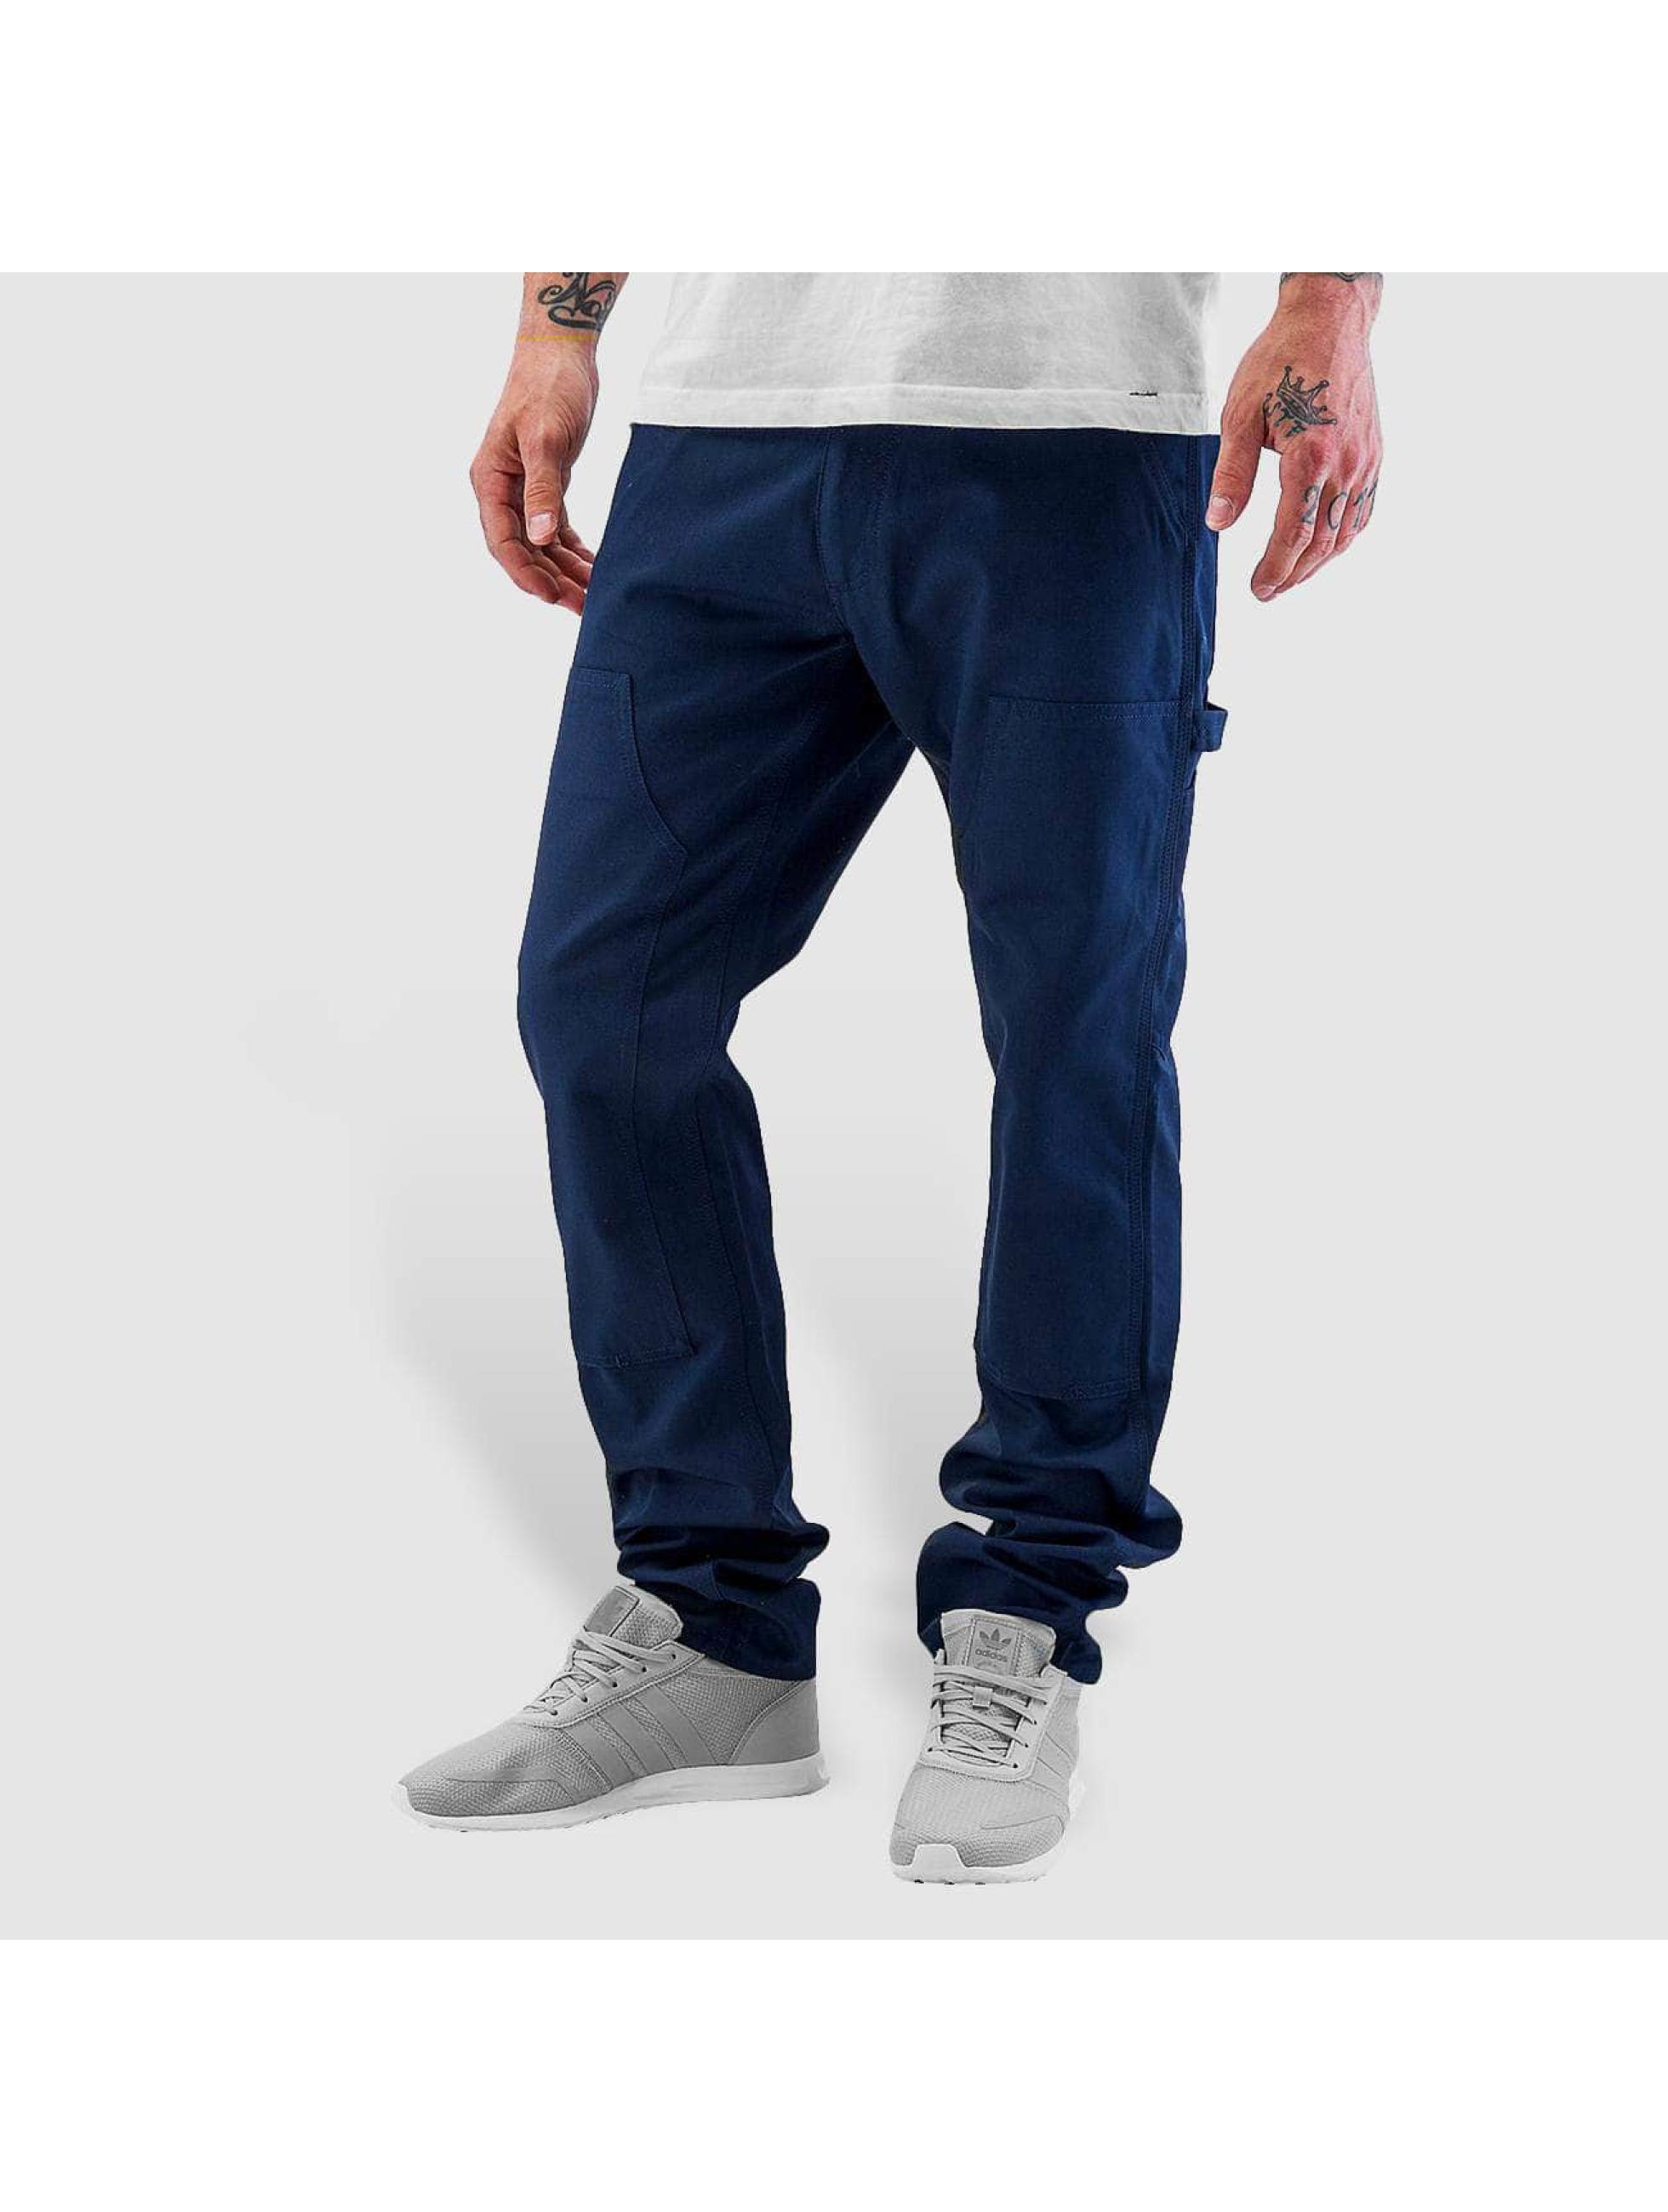 Carhartt WIP Straight Fit farkut Lincoln Double Knee sininen